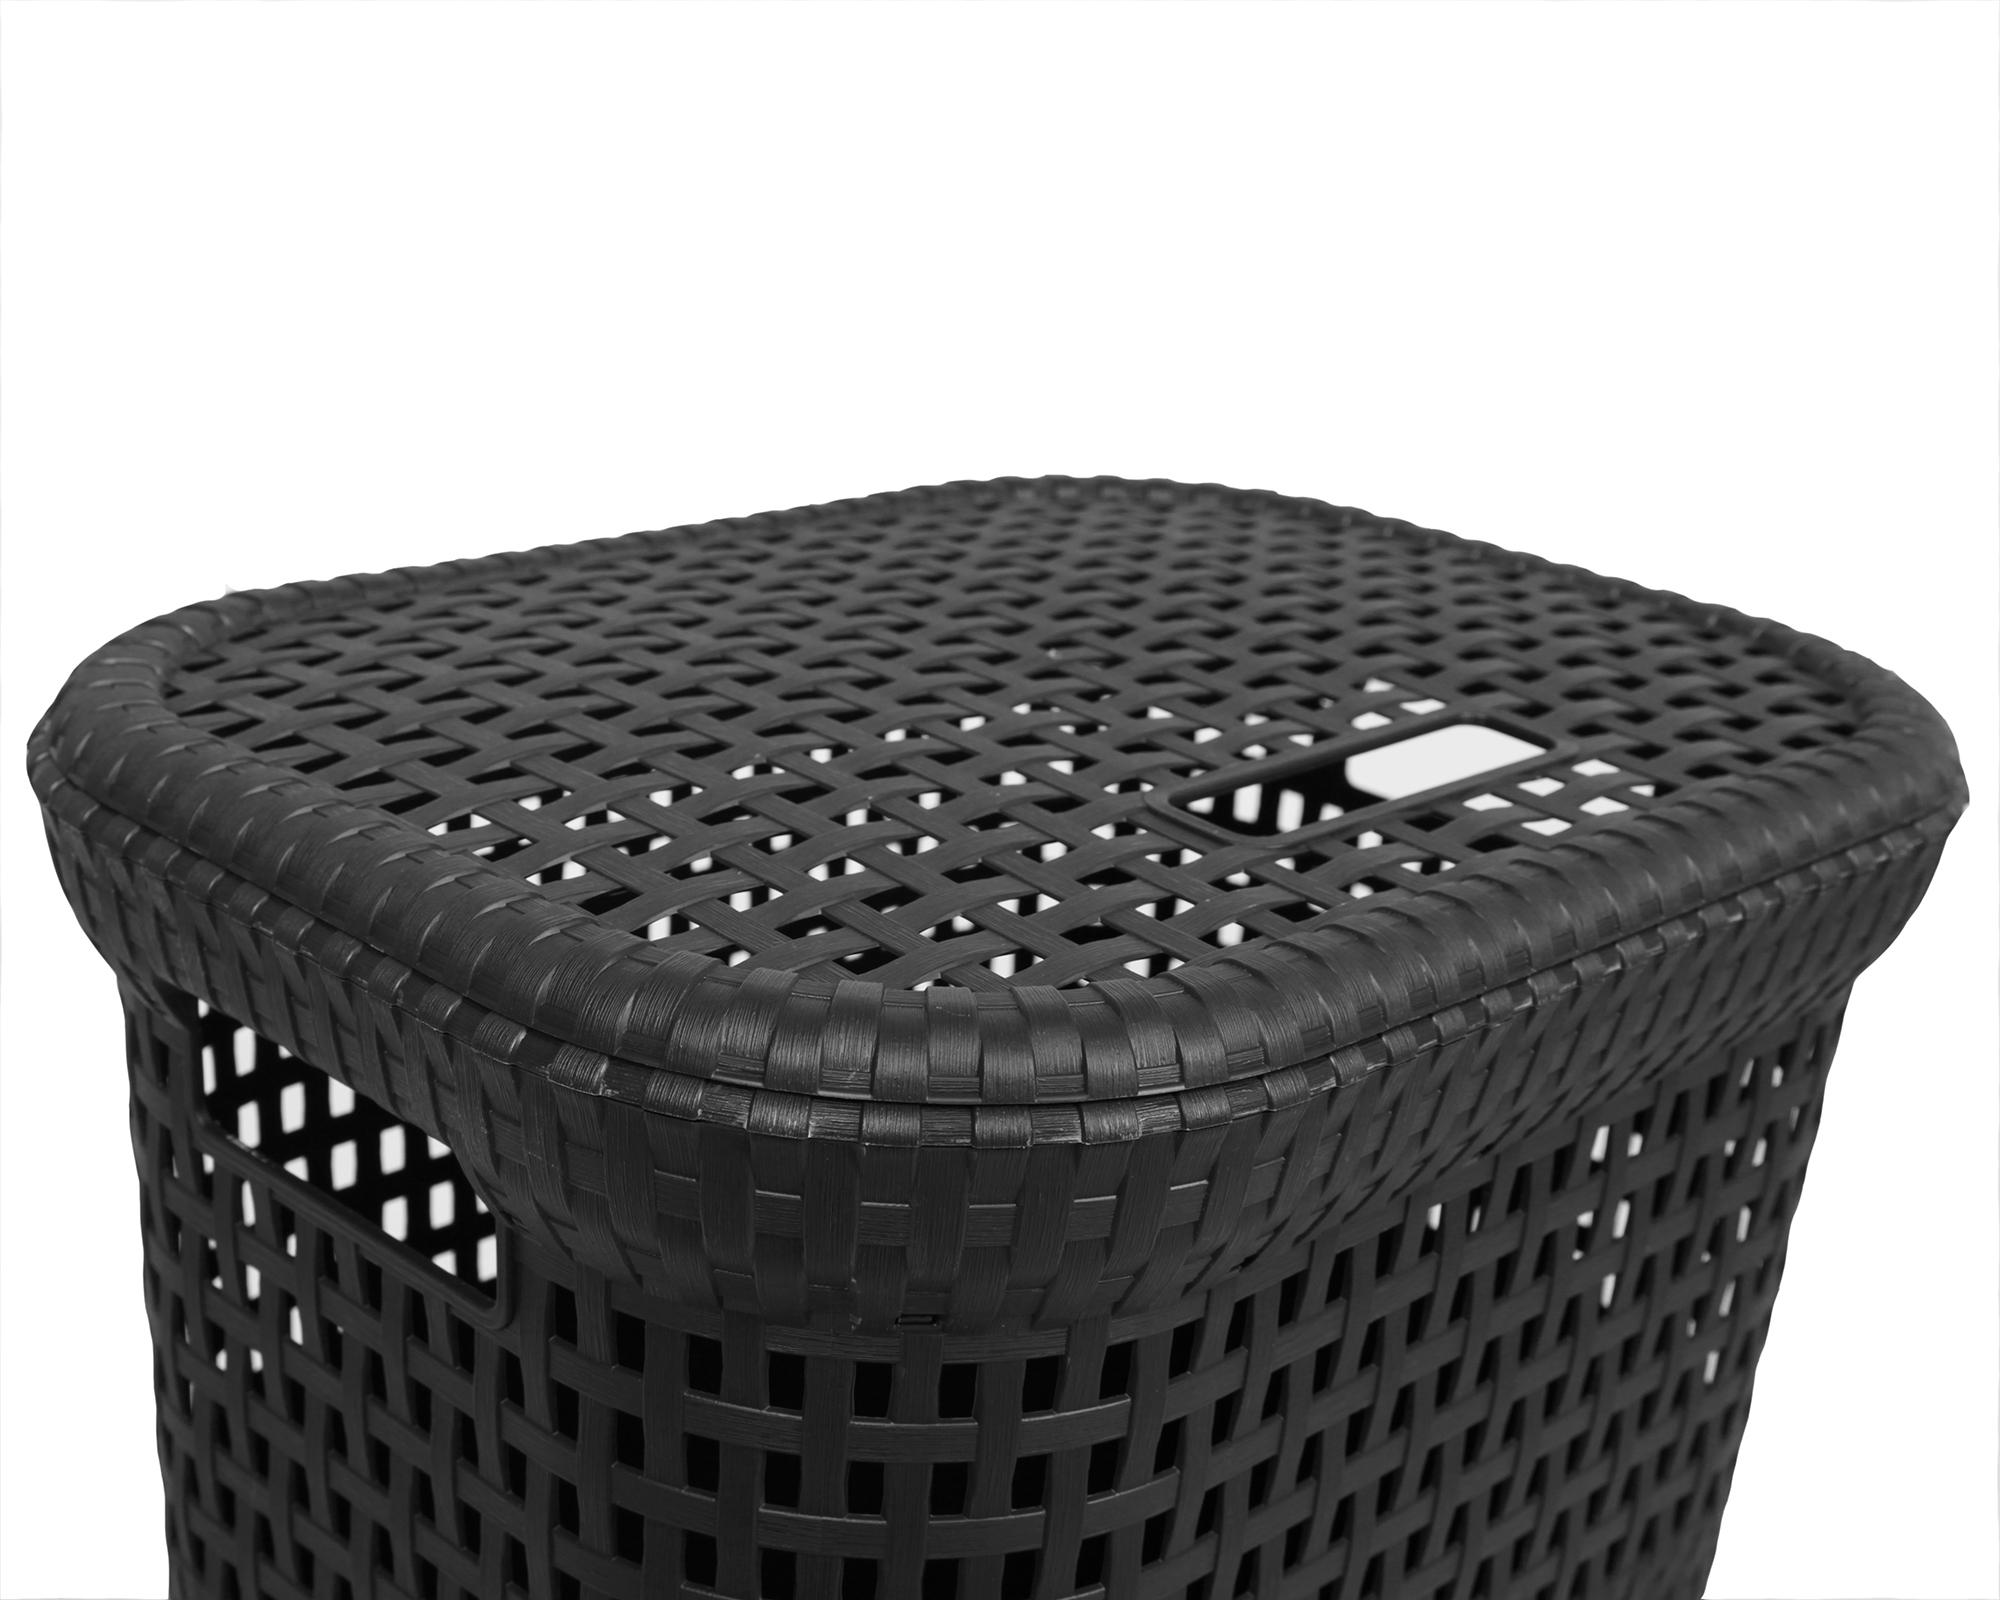 ondis24 w schekorb rattan 60 l anthrazit g nstig online kaufen. Black Bedroom Furniture Sets. Home Design Ideas